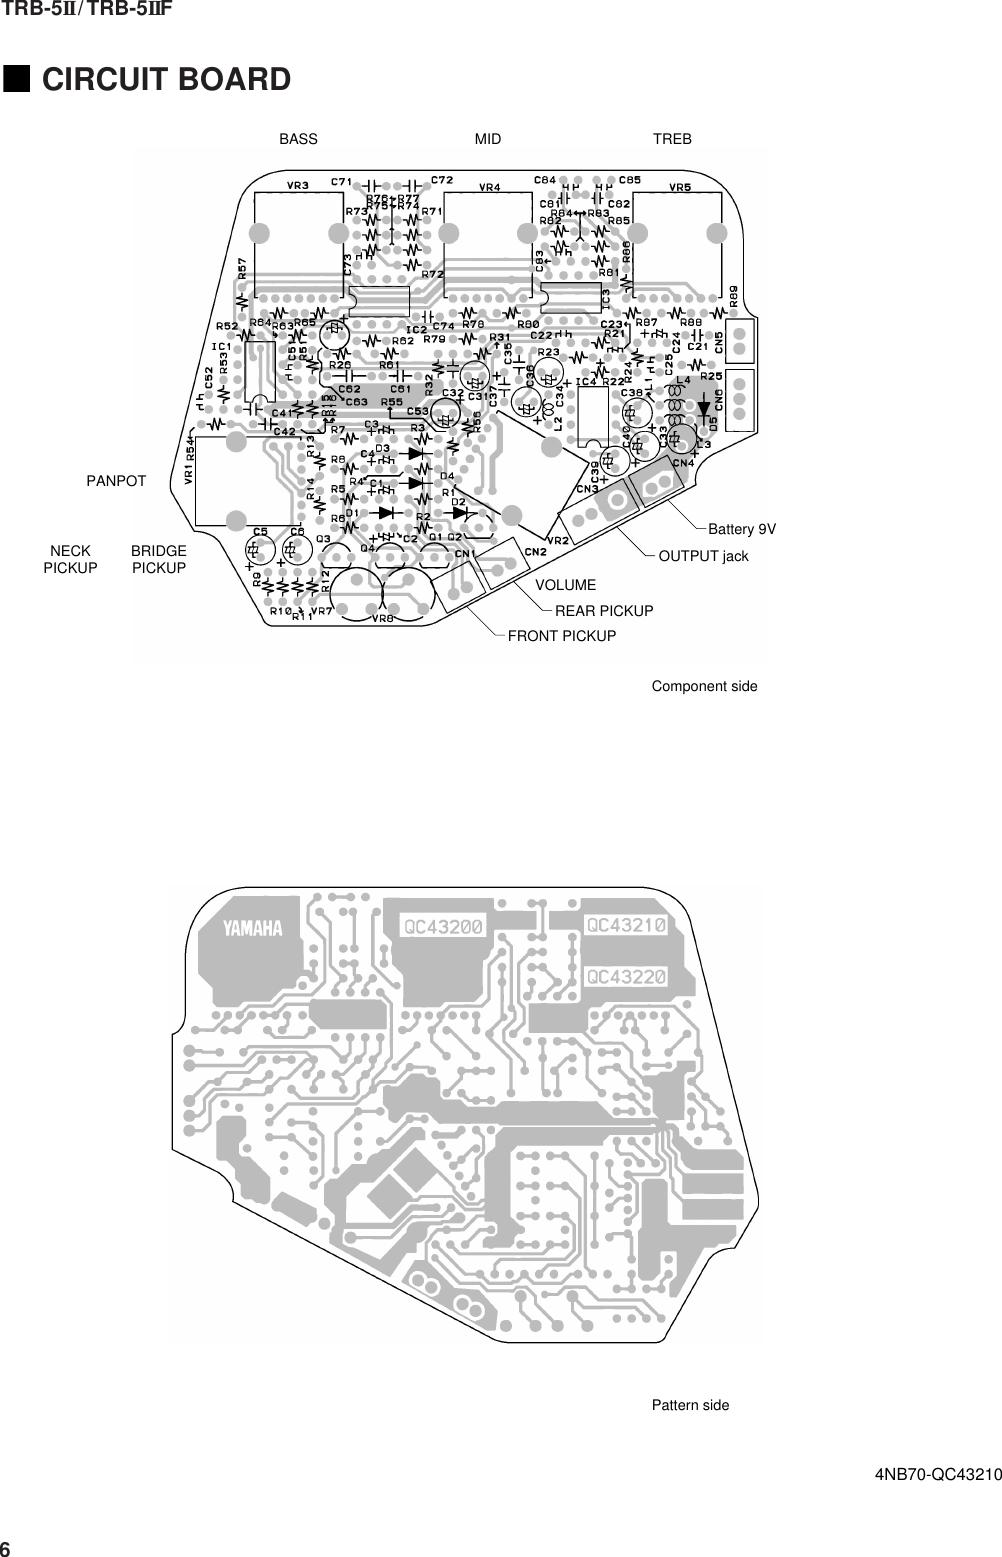 Yamaha Trb 5Ii Users Manual 5II/TRB 5IIF